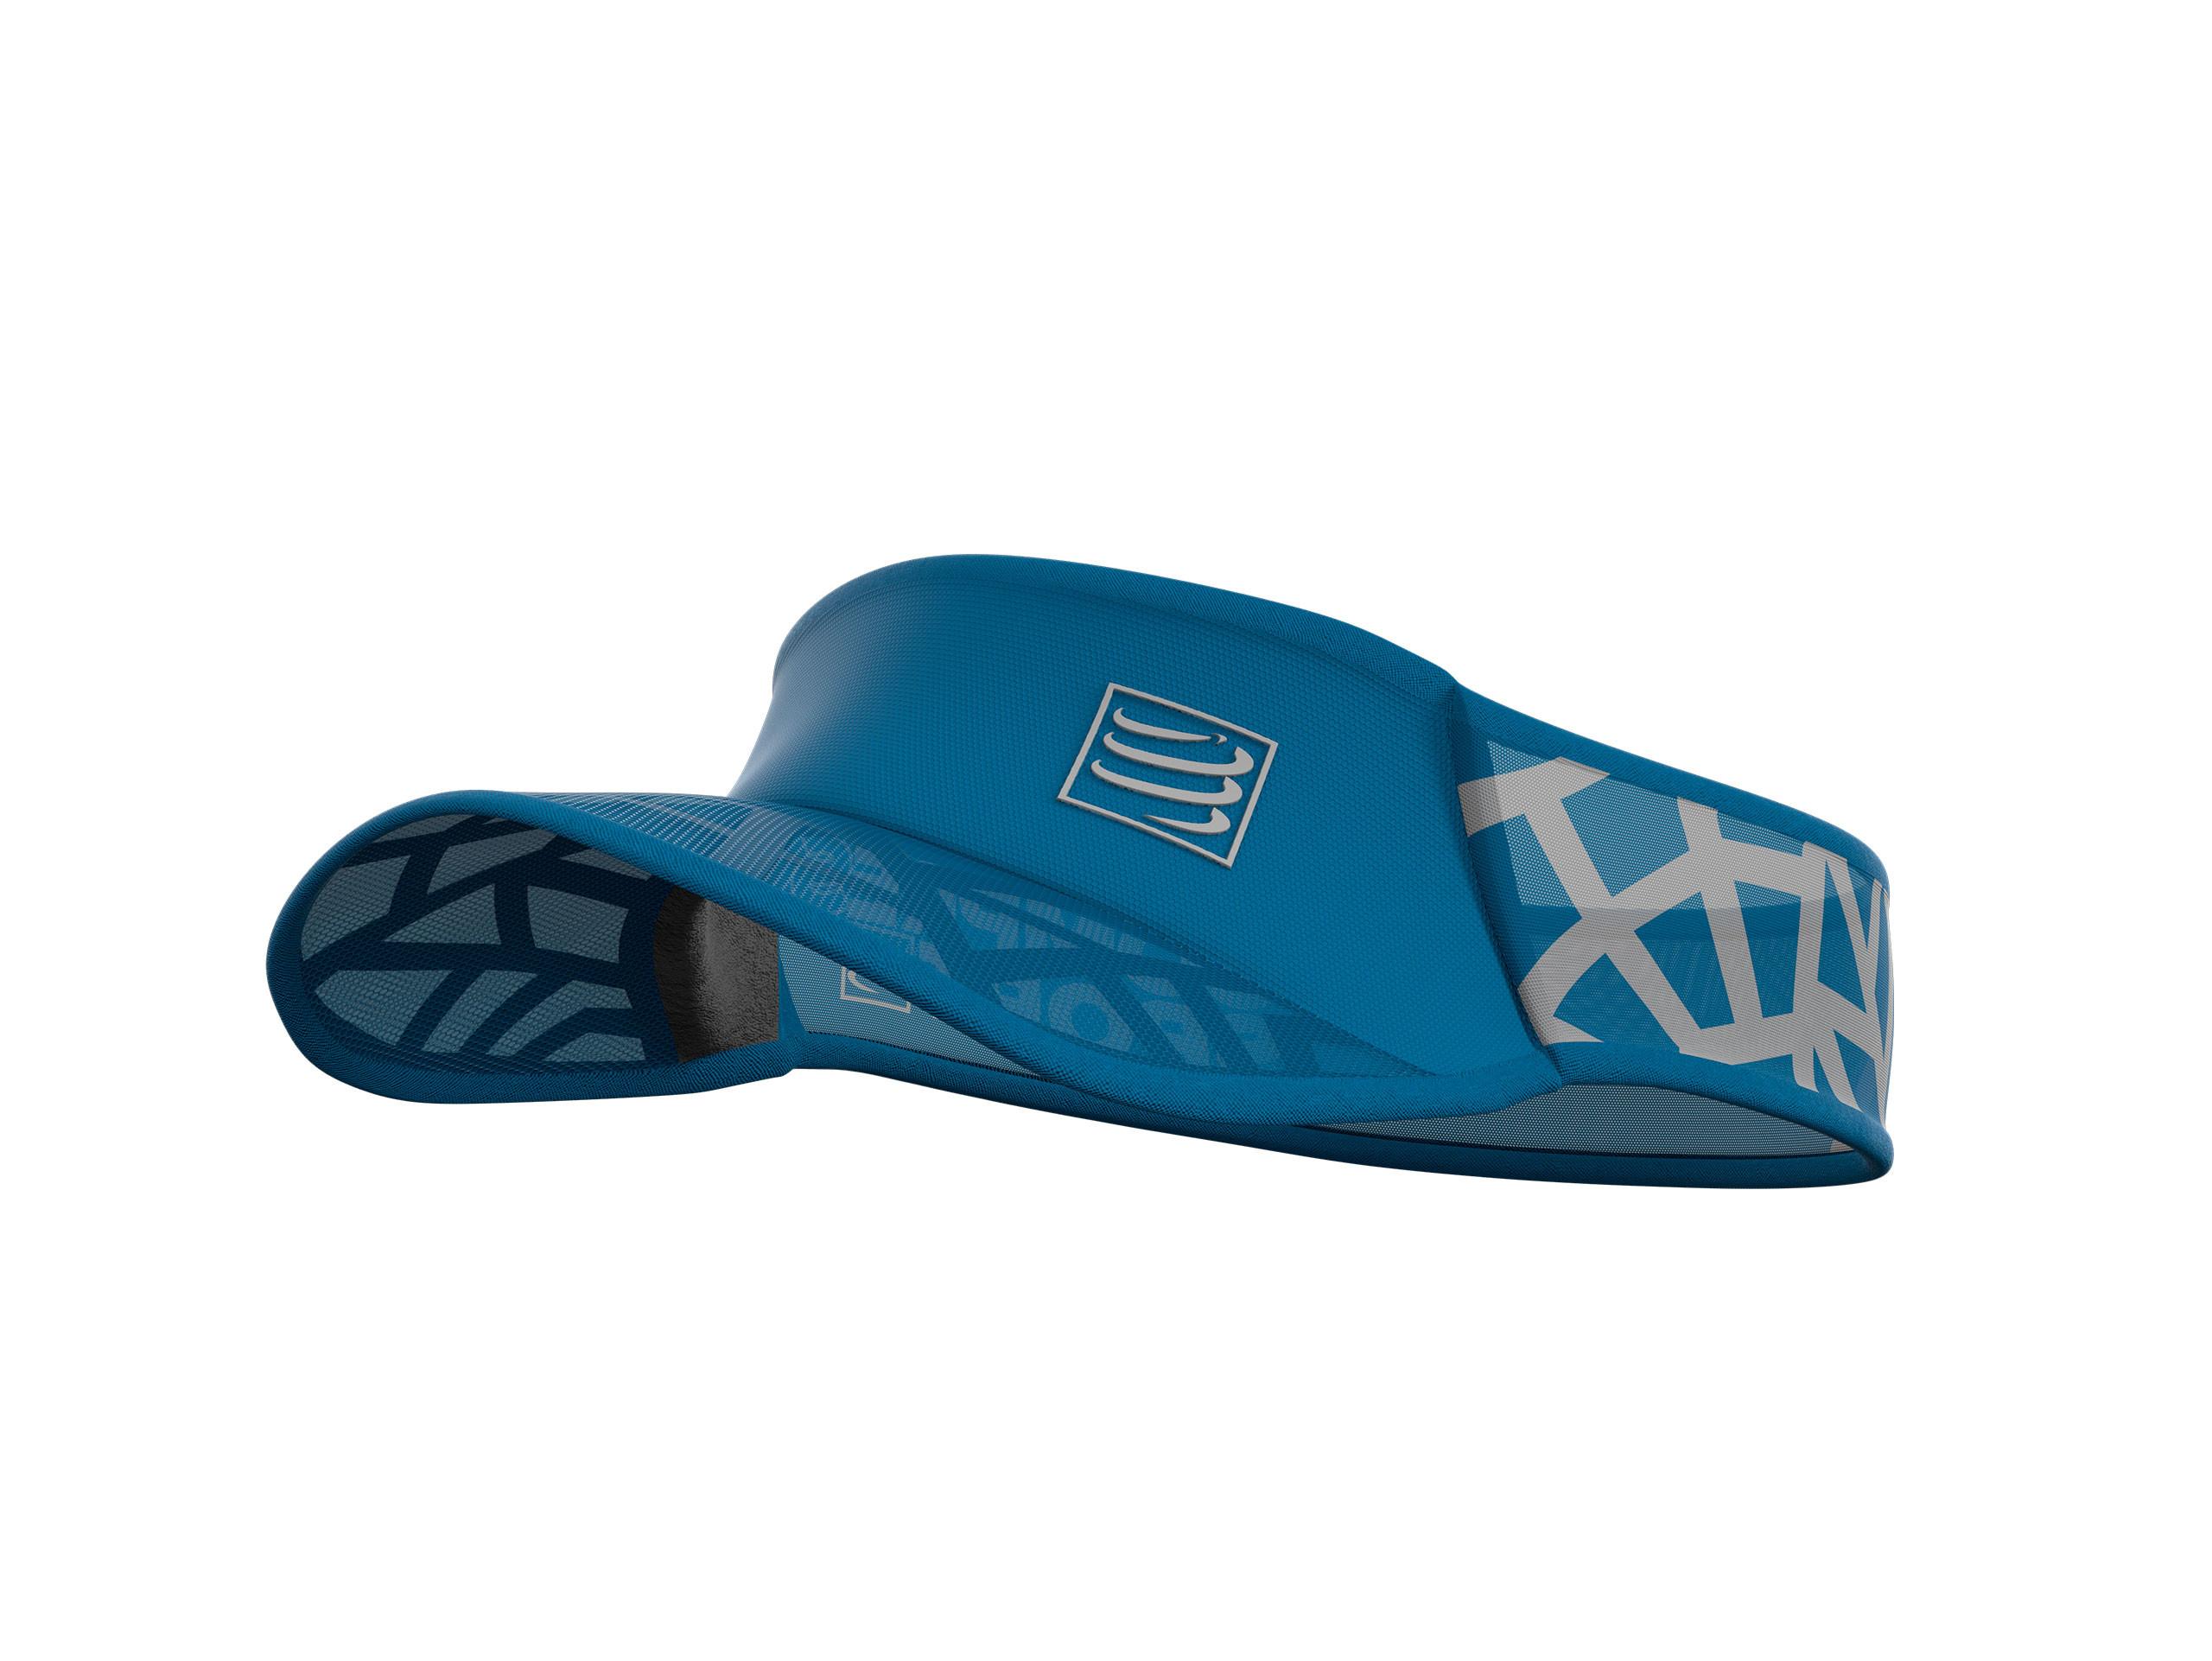 Spiderweb Ultralight Visor blue